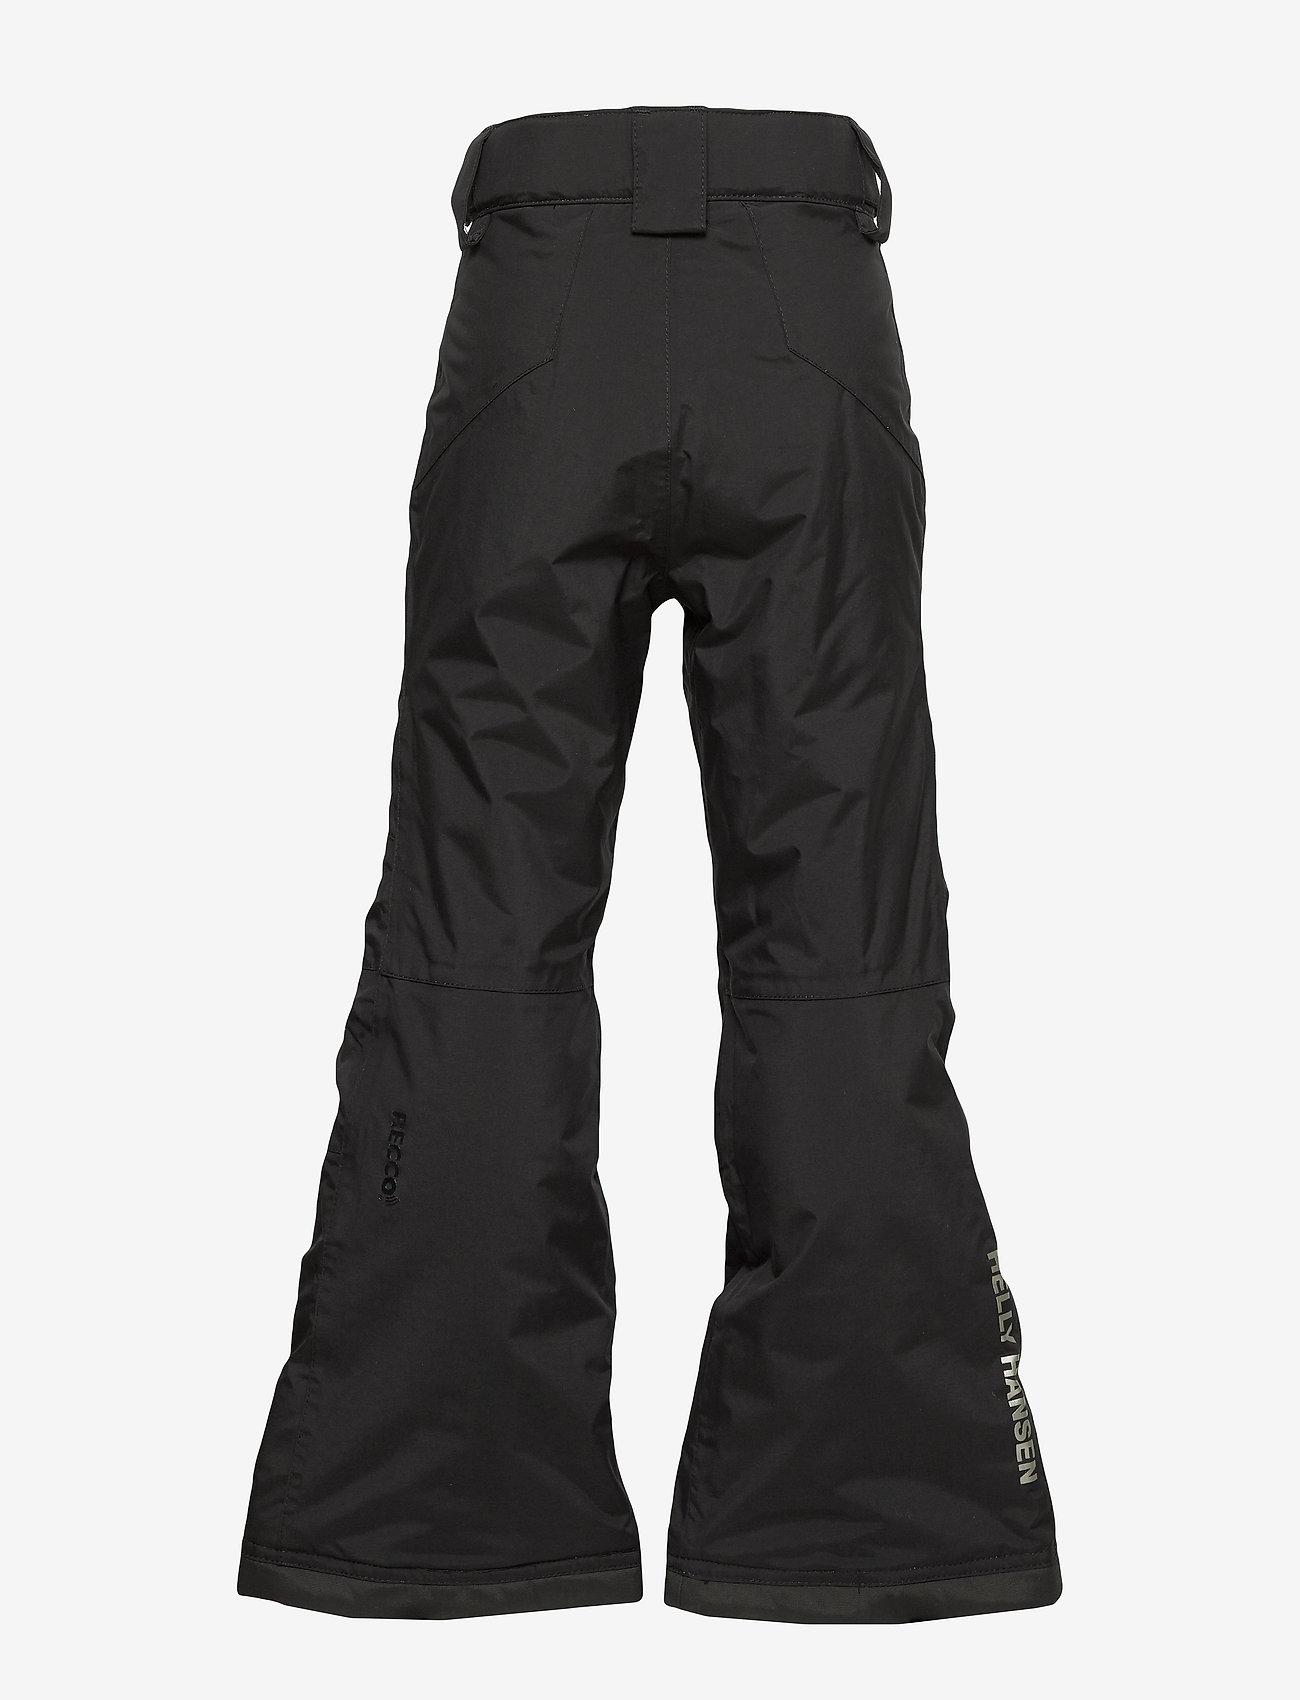 Helly Hansen - JR LEGENDARY PANT - vinterbukser - 990 black - 1